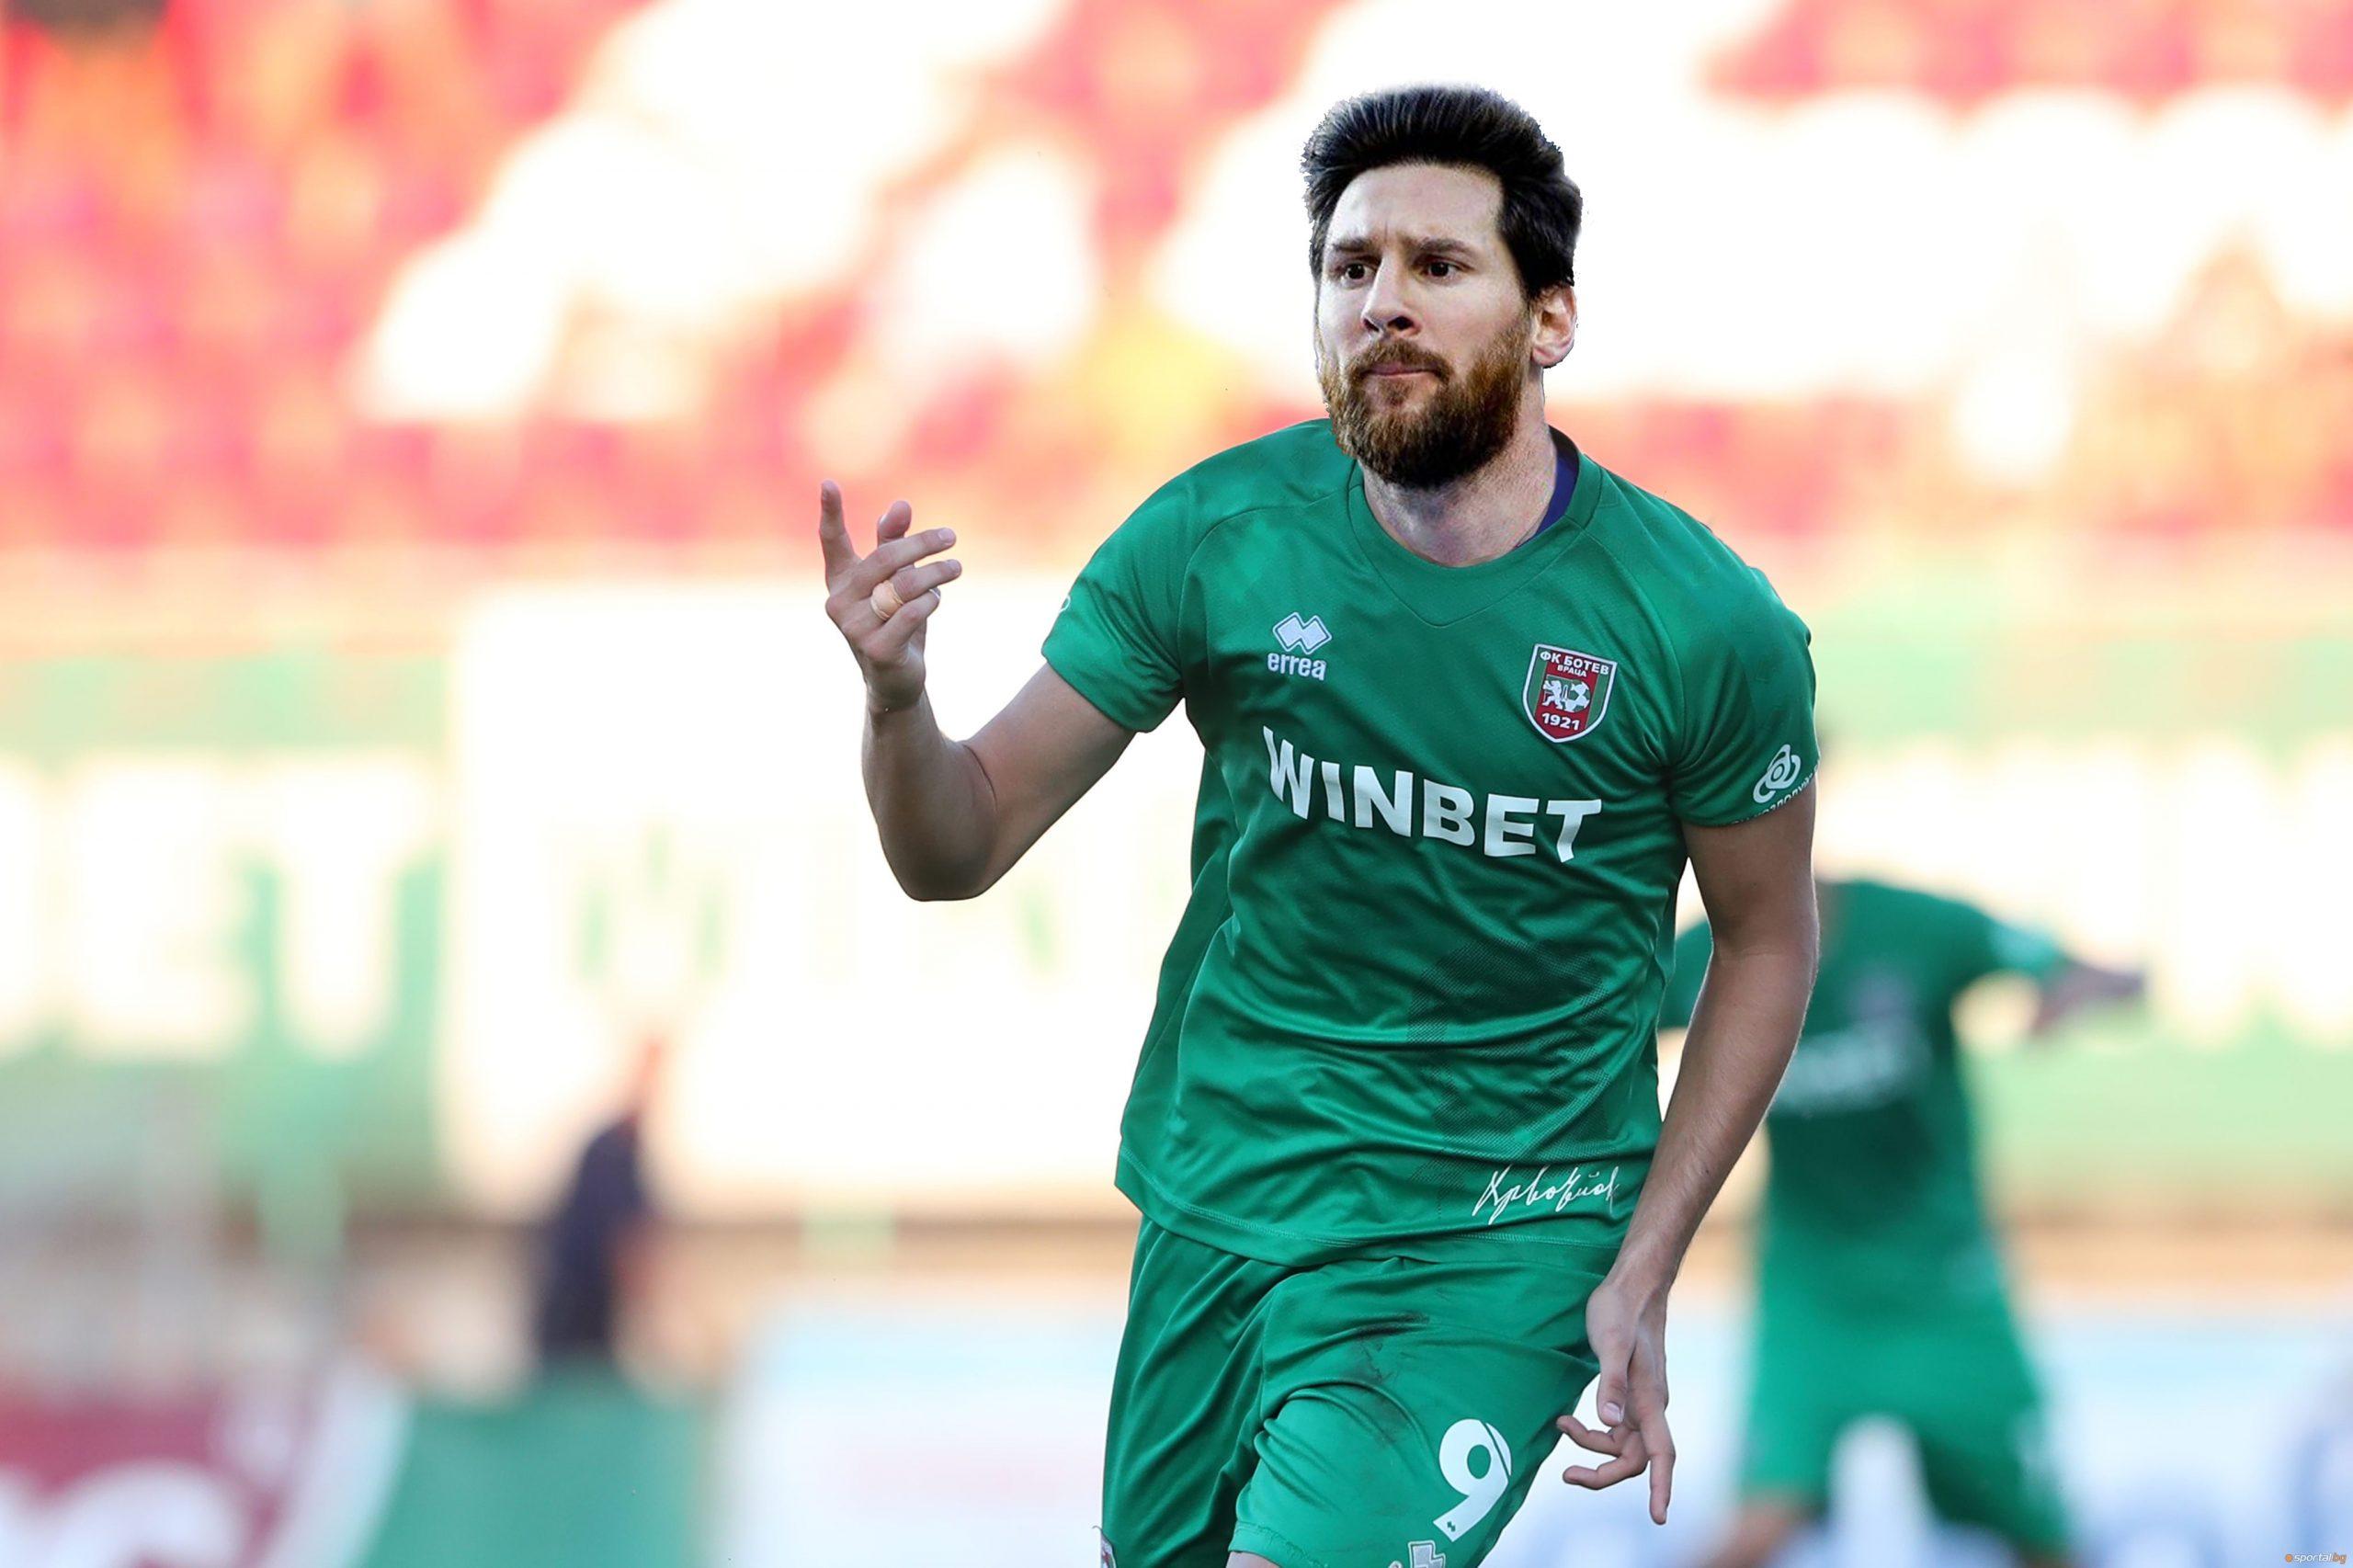 Българските отбори, в които Меси може да продължи кариерата си